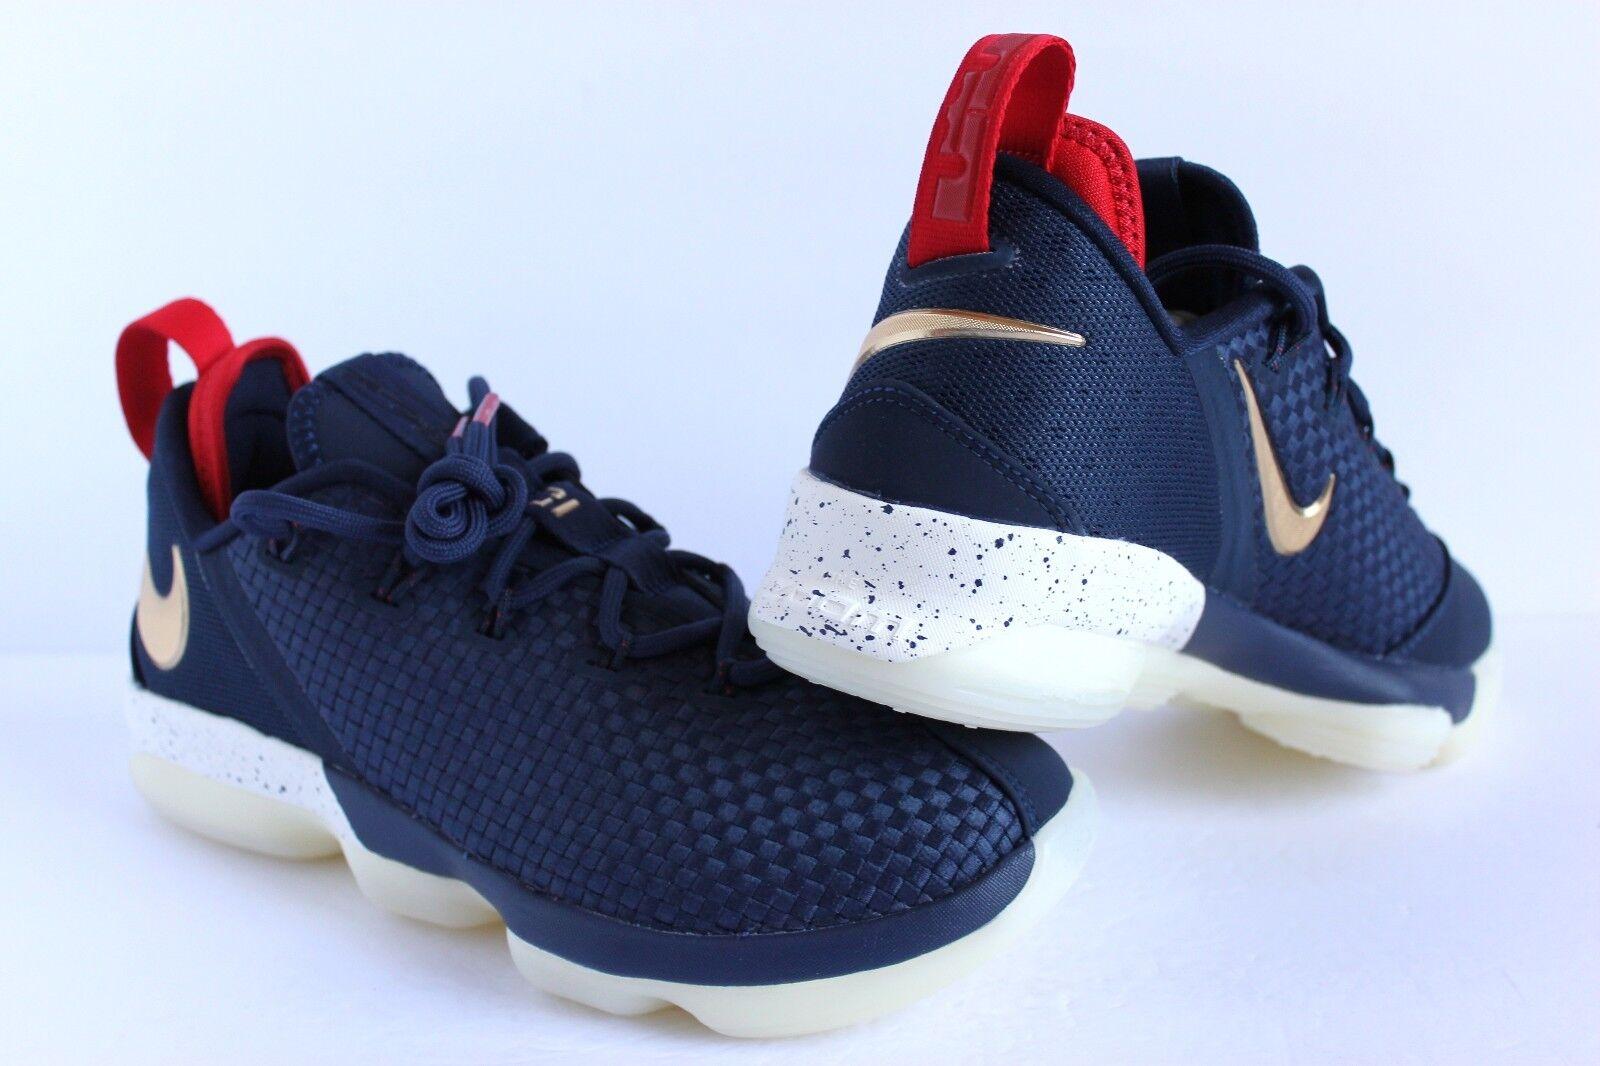 Nike Lebron 14 XIV Low USA Midnight Navy-Metallic oro oro oro sz 11 [878636-400] 98fa48